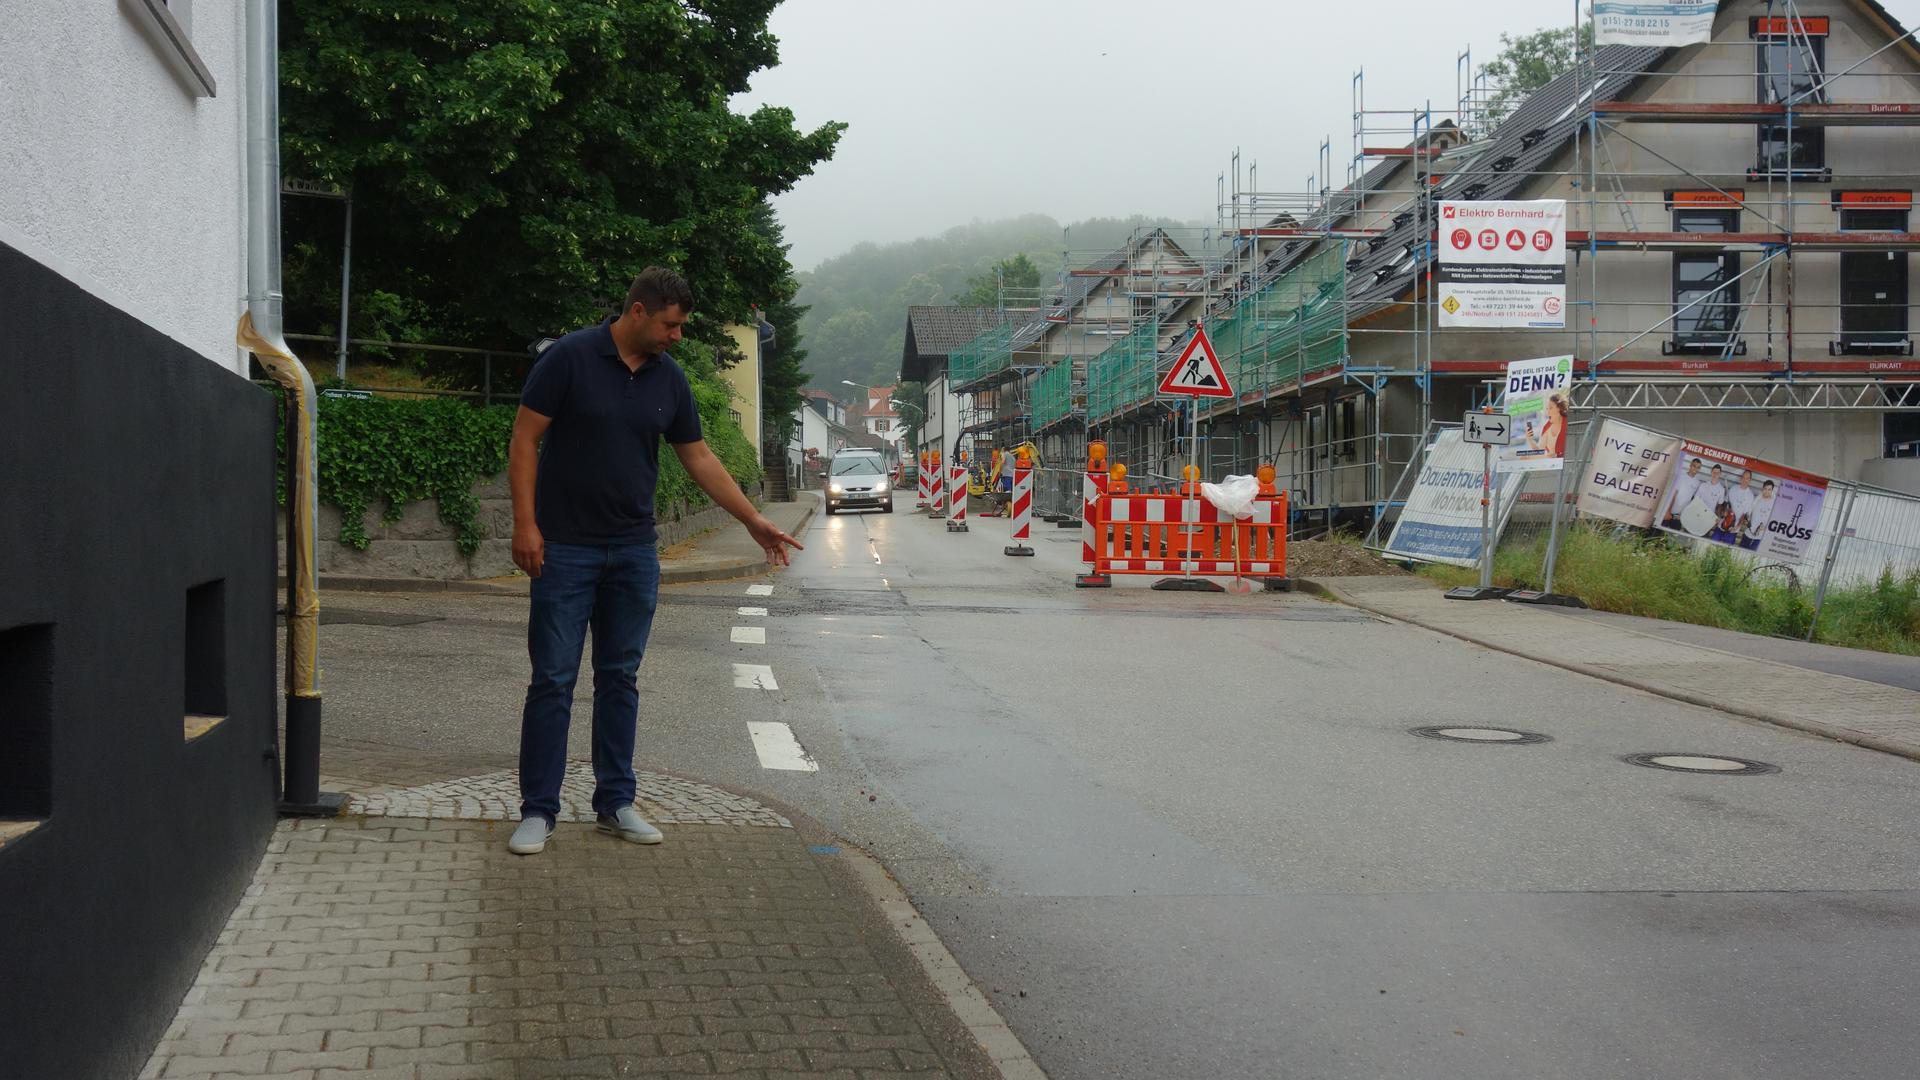 Keine Durchfahrt: Dominik Merz zeigt den Beginn des ersten Bauabschnittes vor der Einmündung der Waldmattstraße. Die Fahrbahndecke der Schwarzwaldstraße wird in mehreren Abschnitten bis Neusatzeck bis Mitte November saniert.